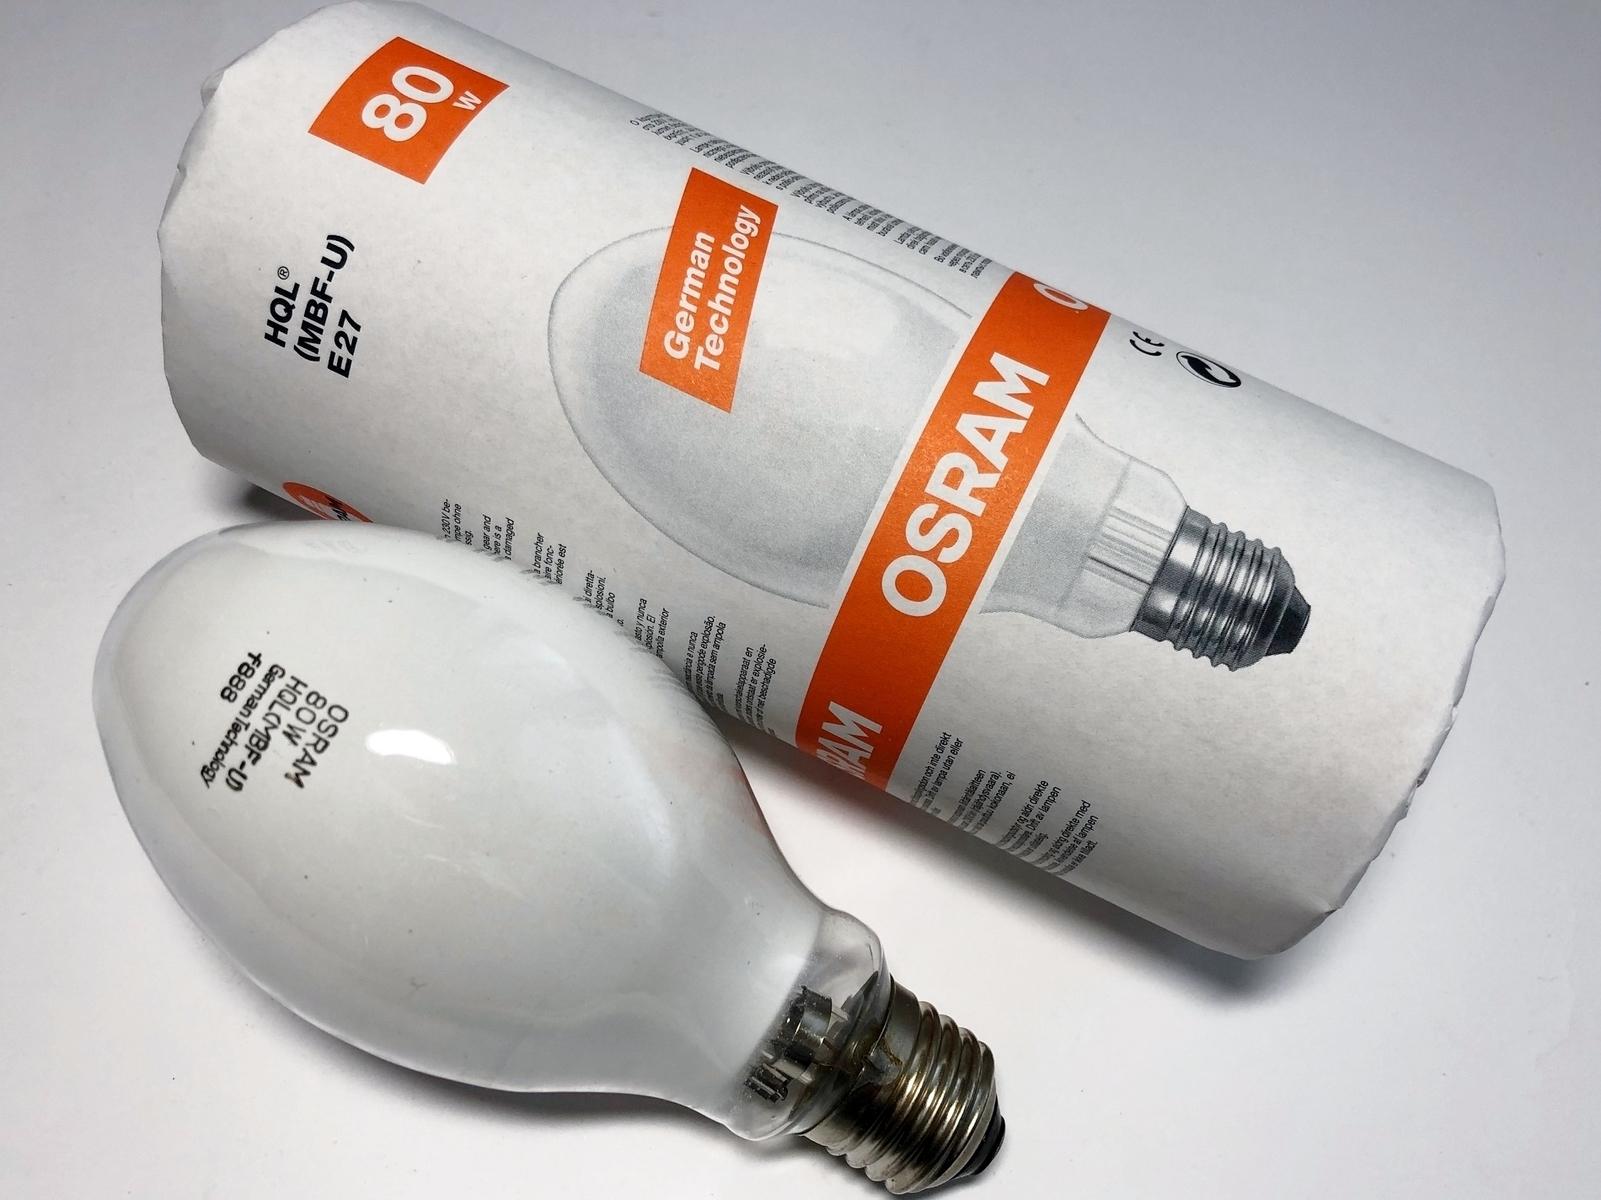 Ртутные лампы преимущество фото и видео